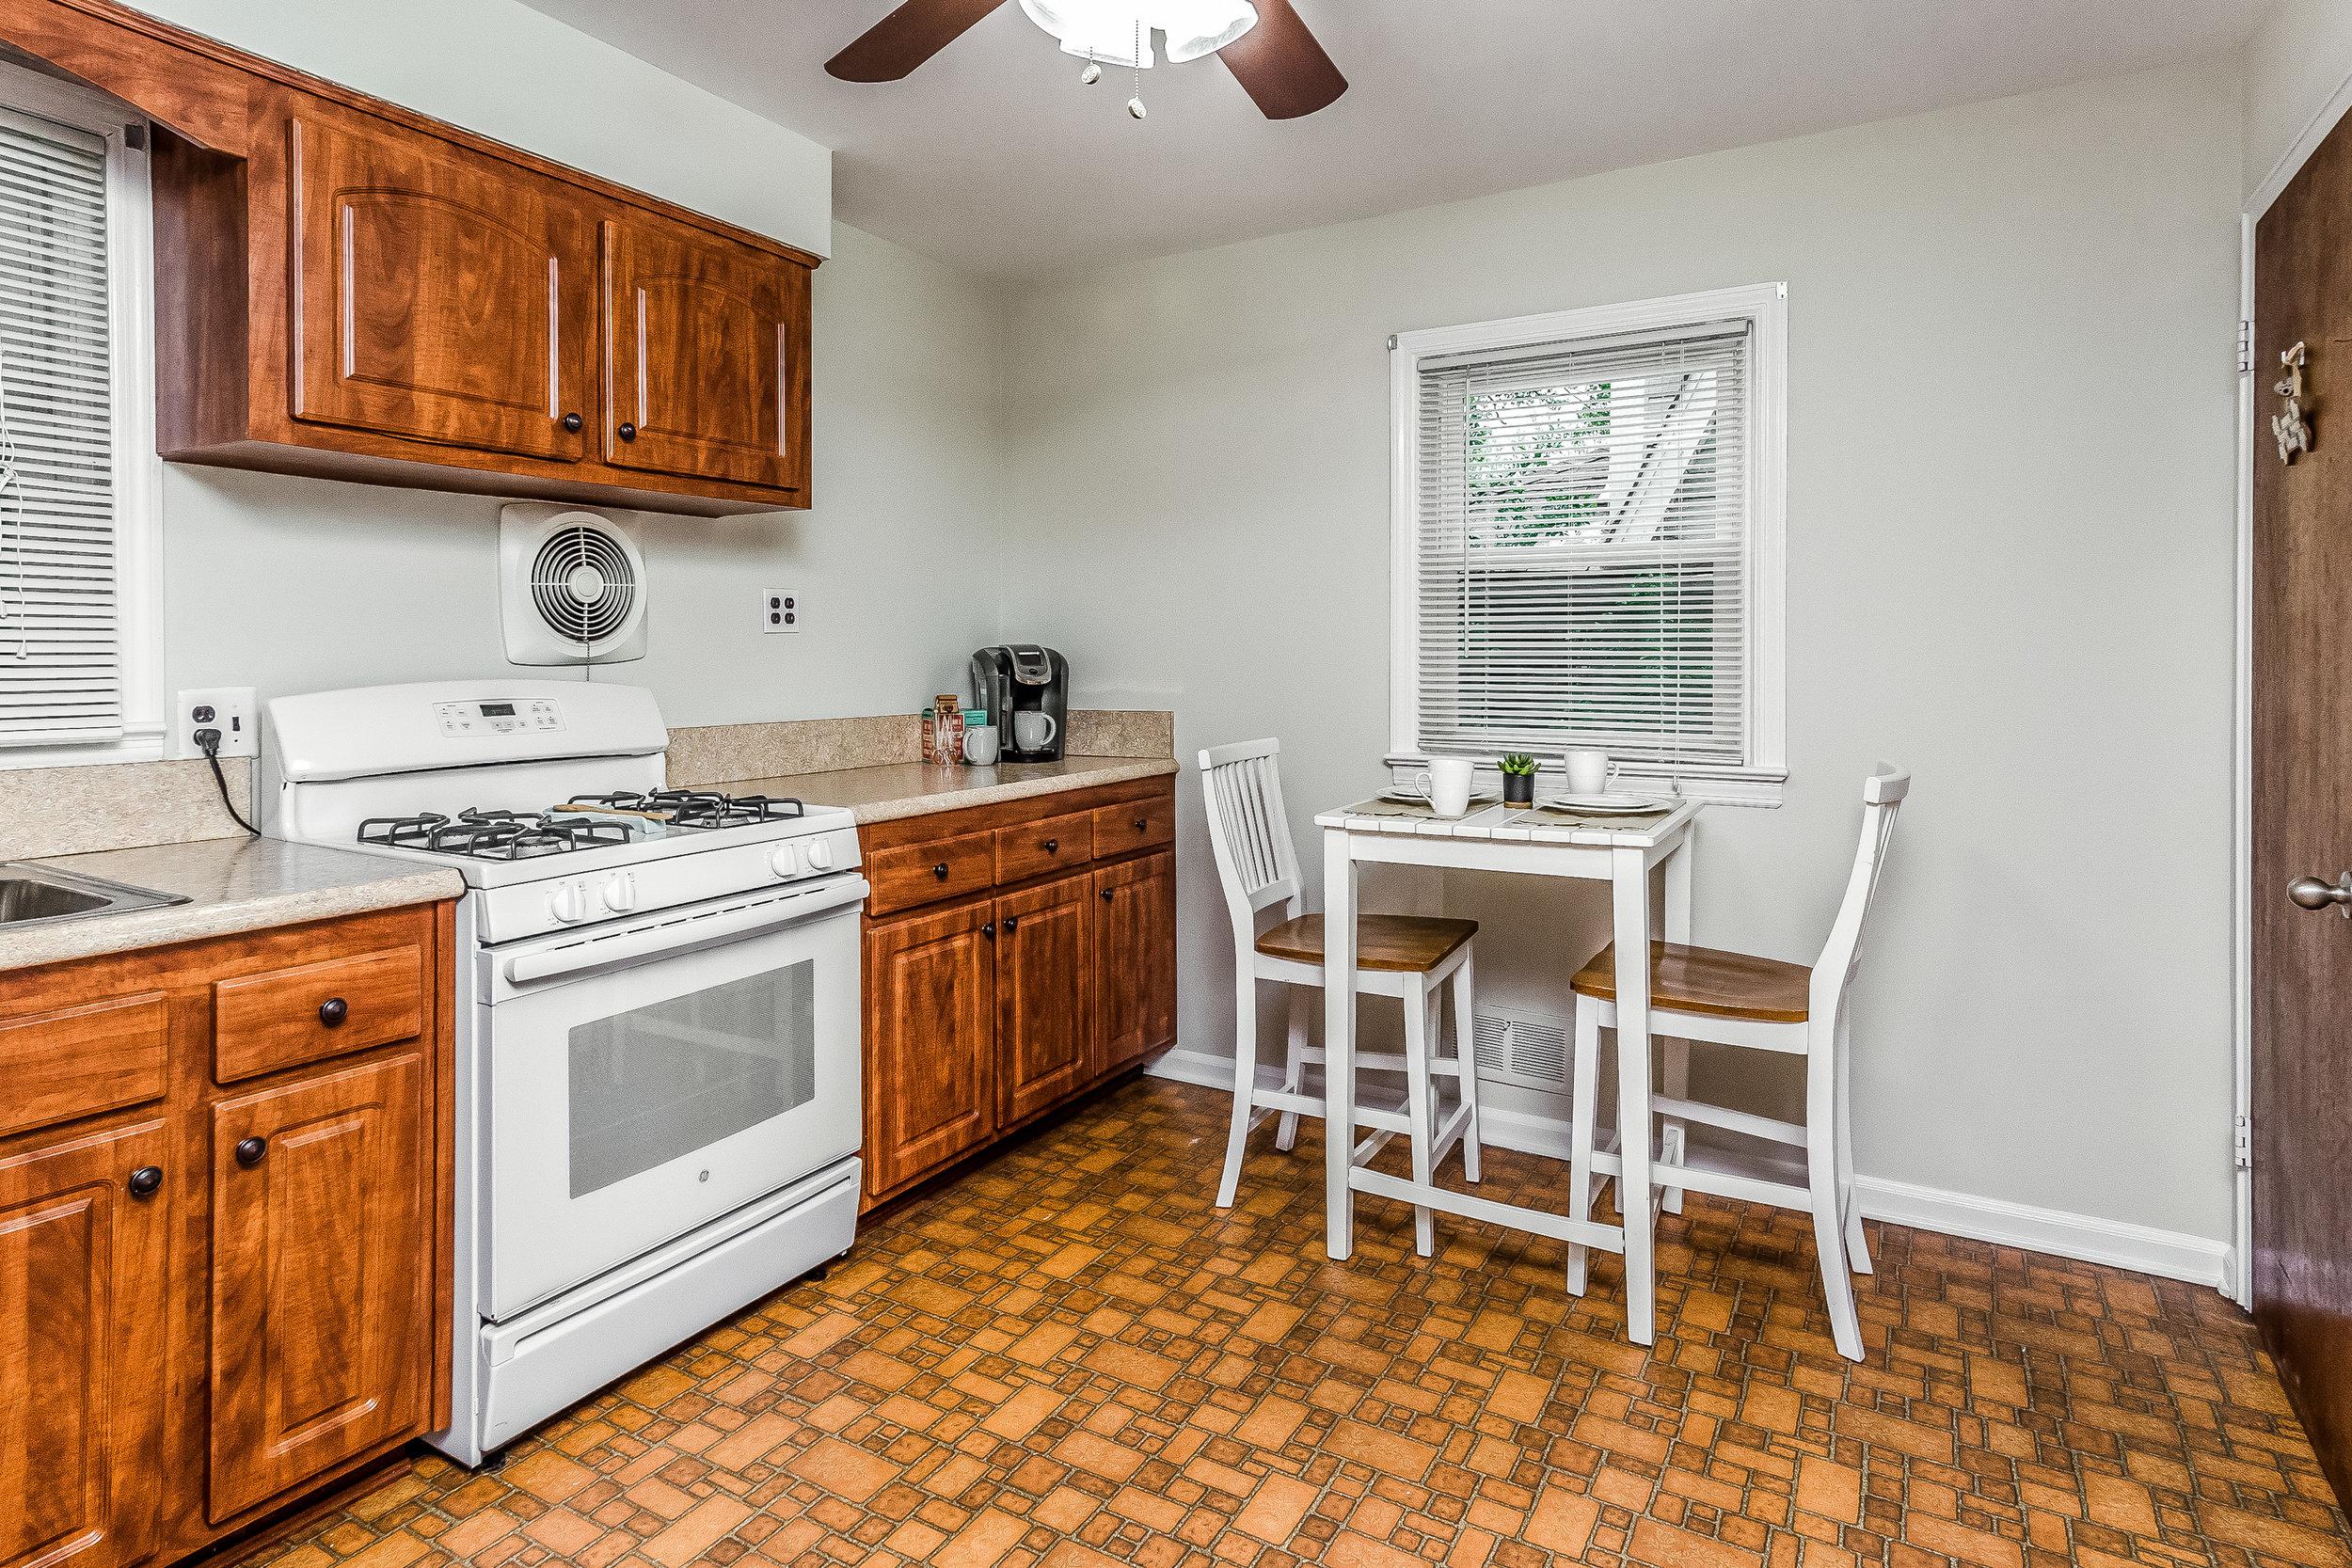 012-photo-kitchendining-room-5786531.jpg